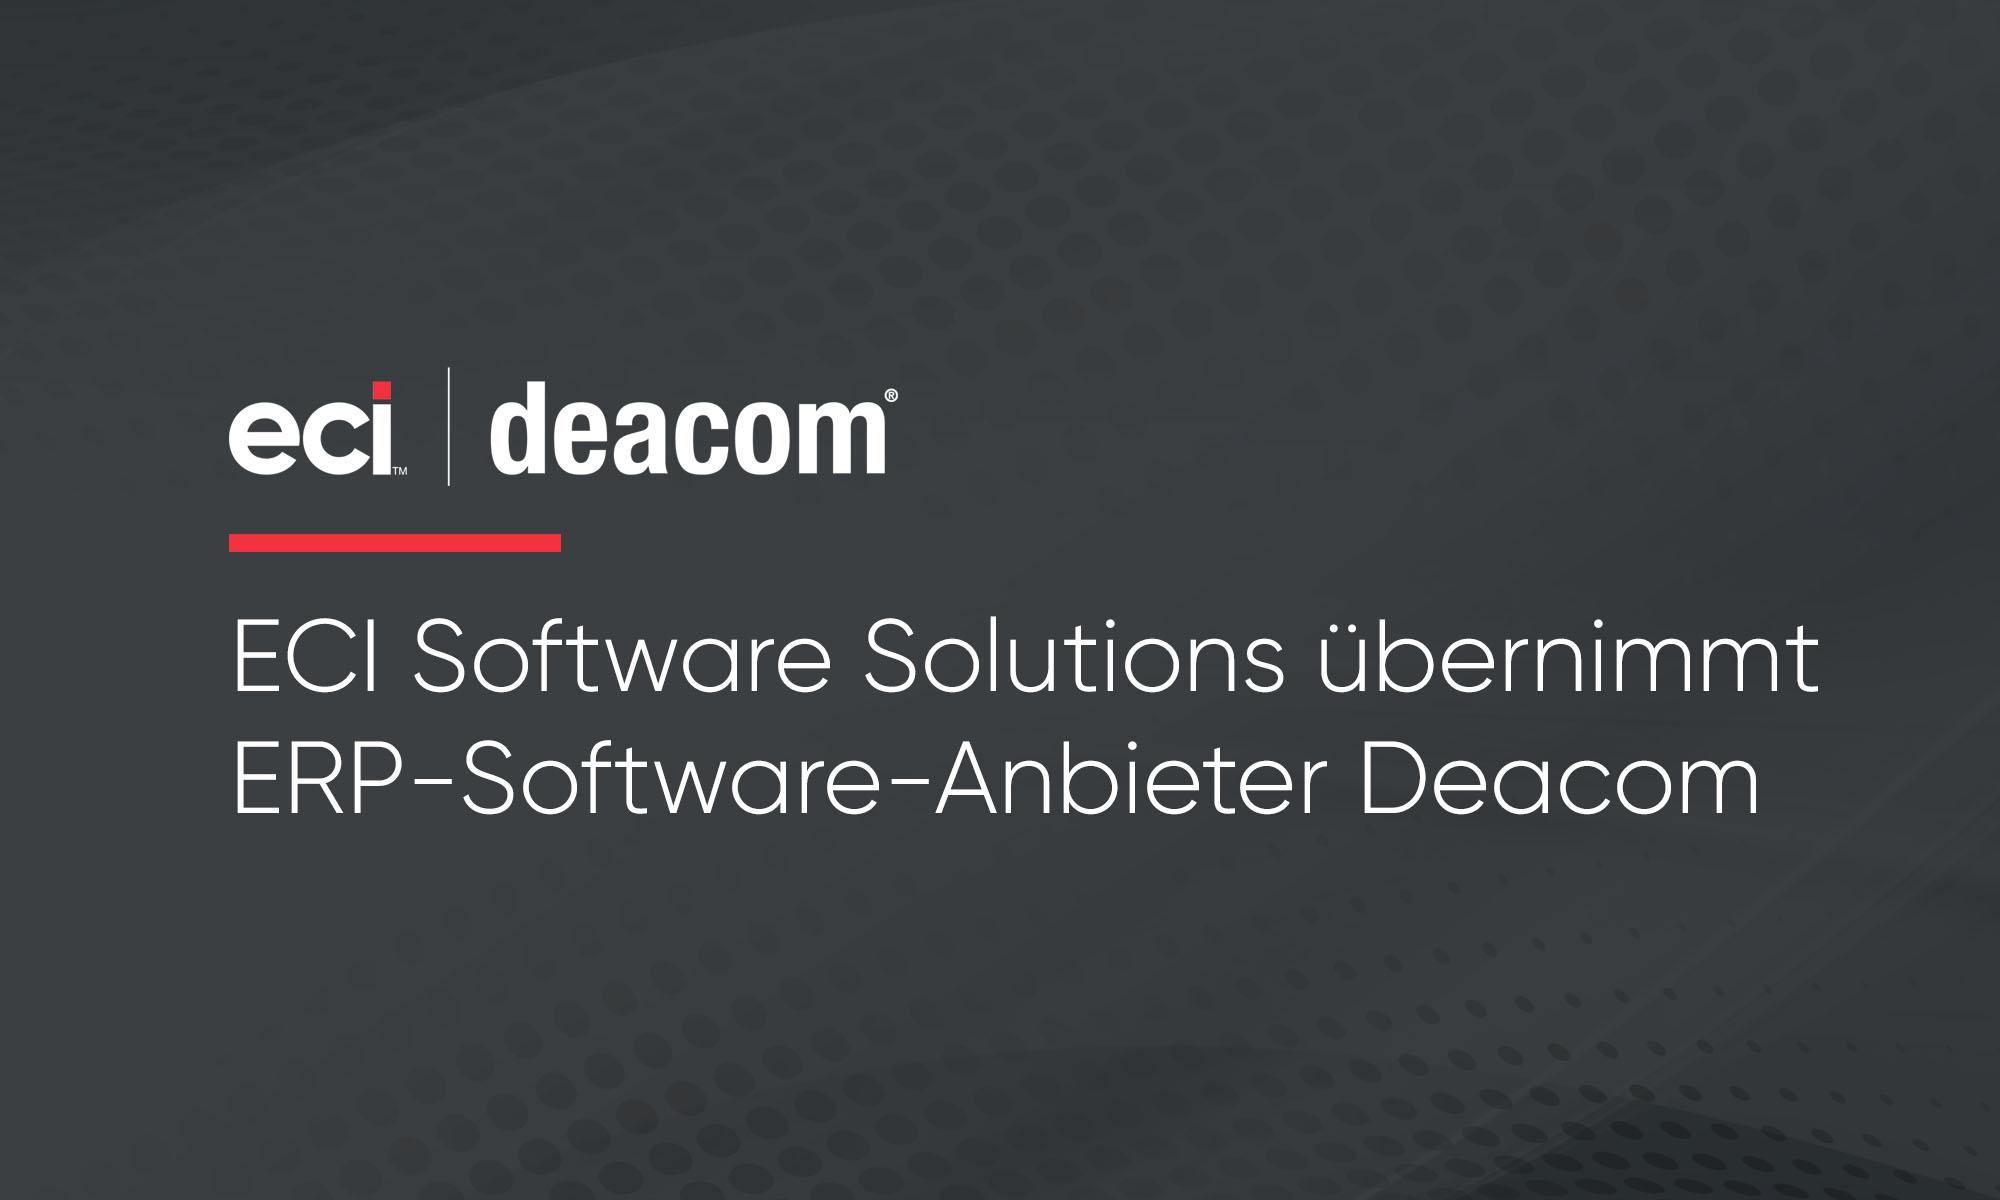 ECI Software Solutions übernimmt ERP-Software-Anbieter Deacom